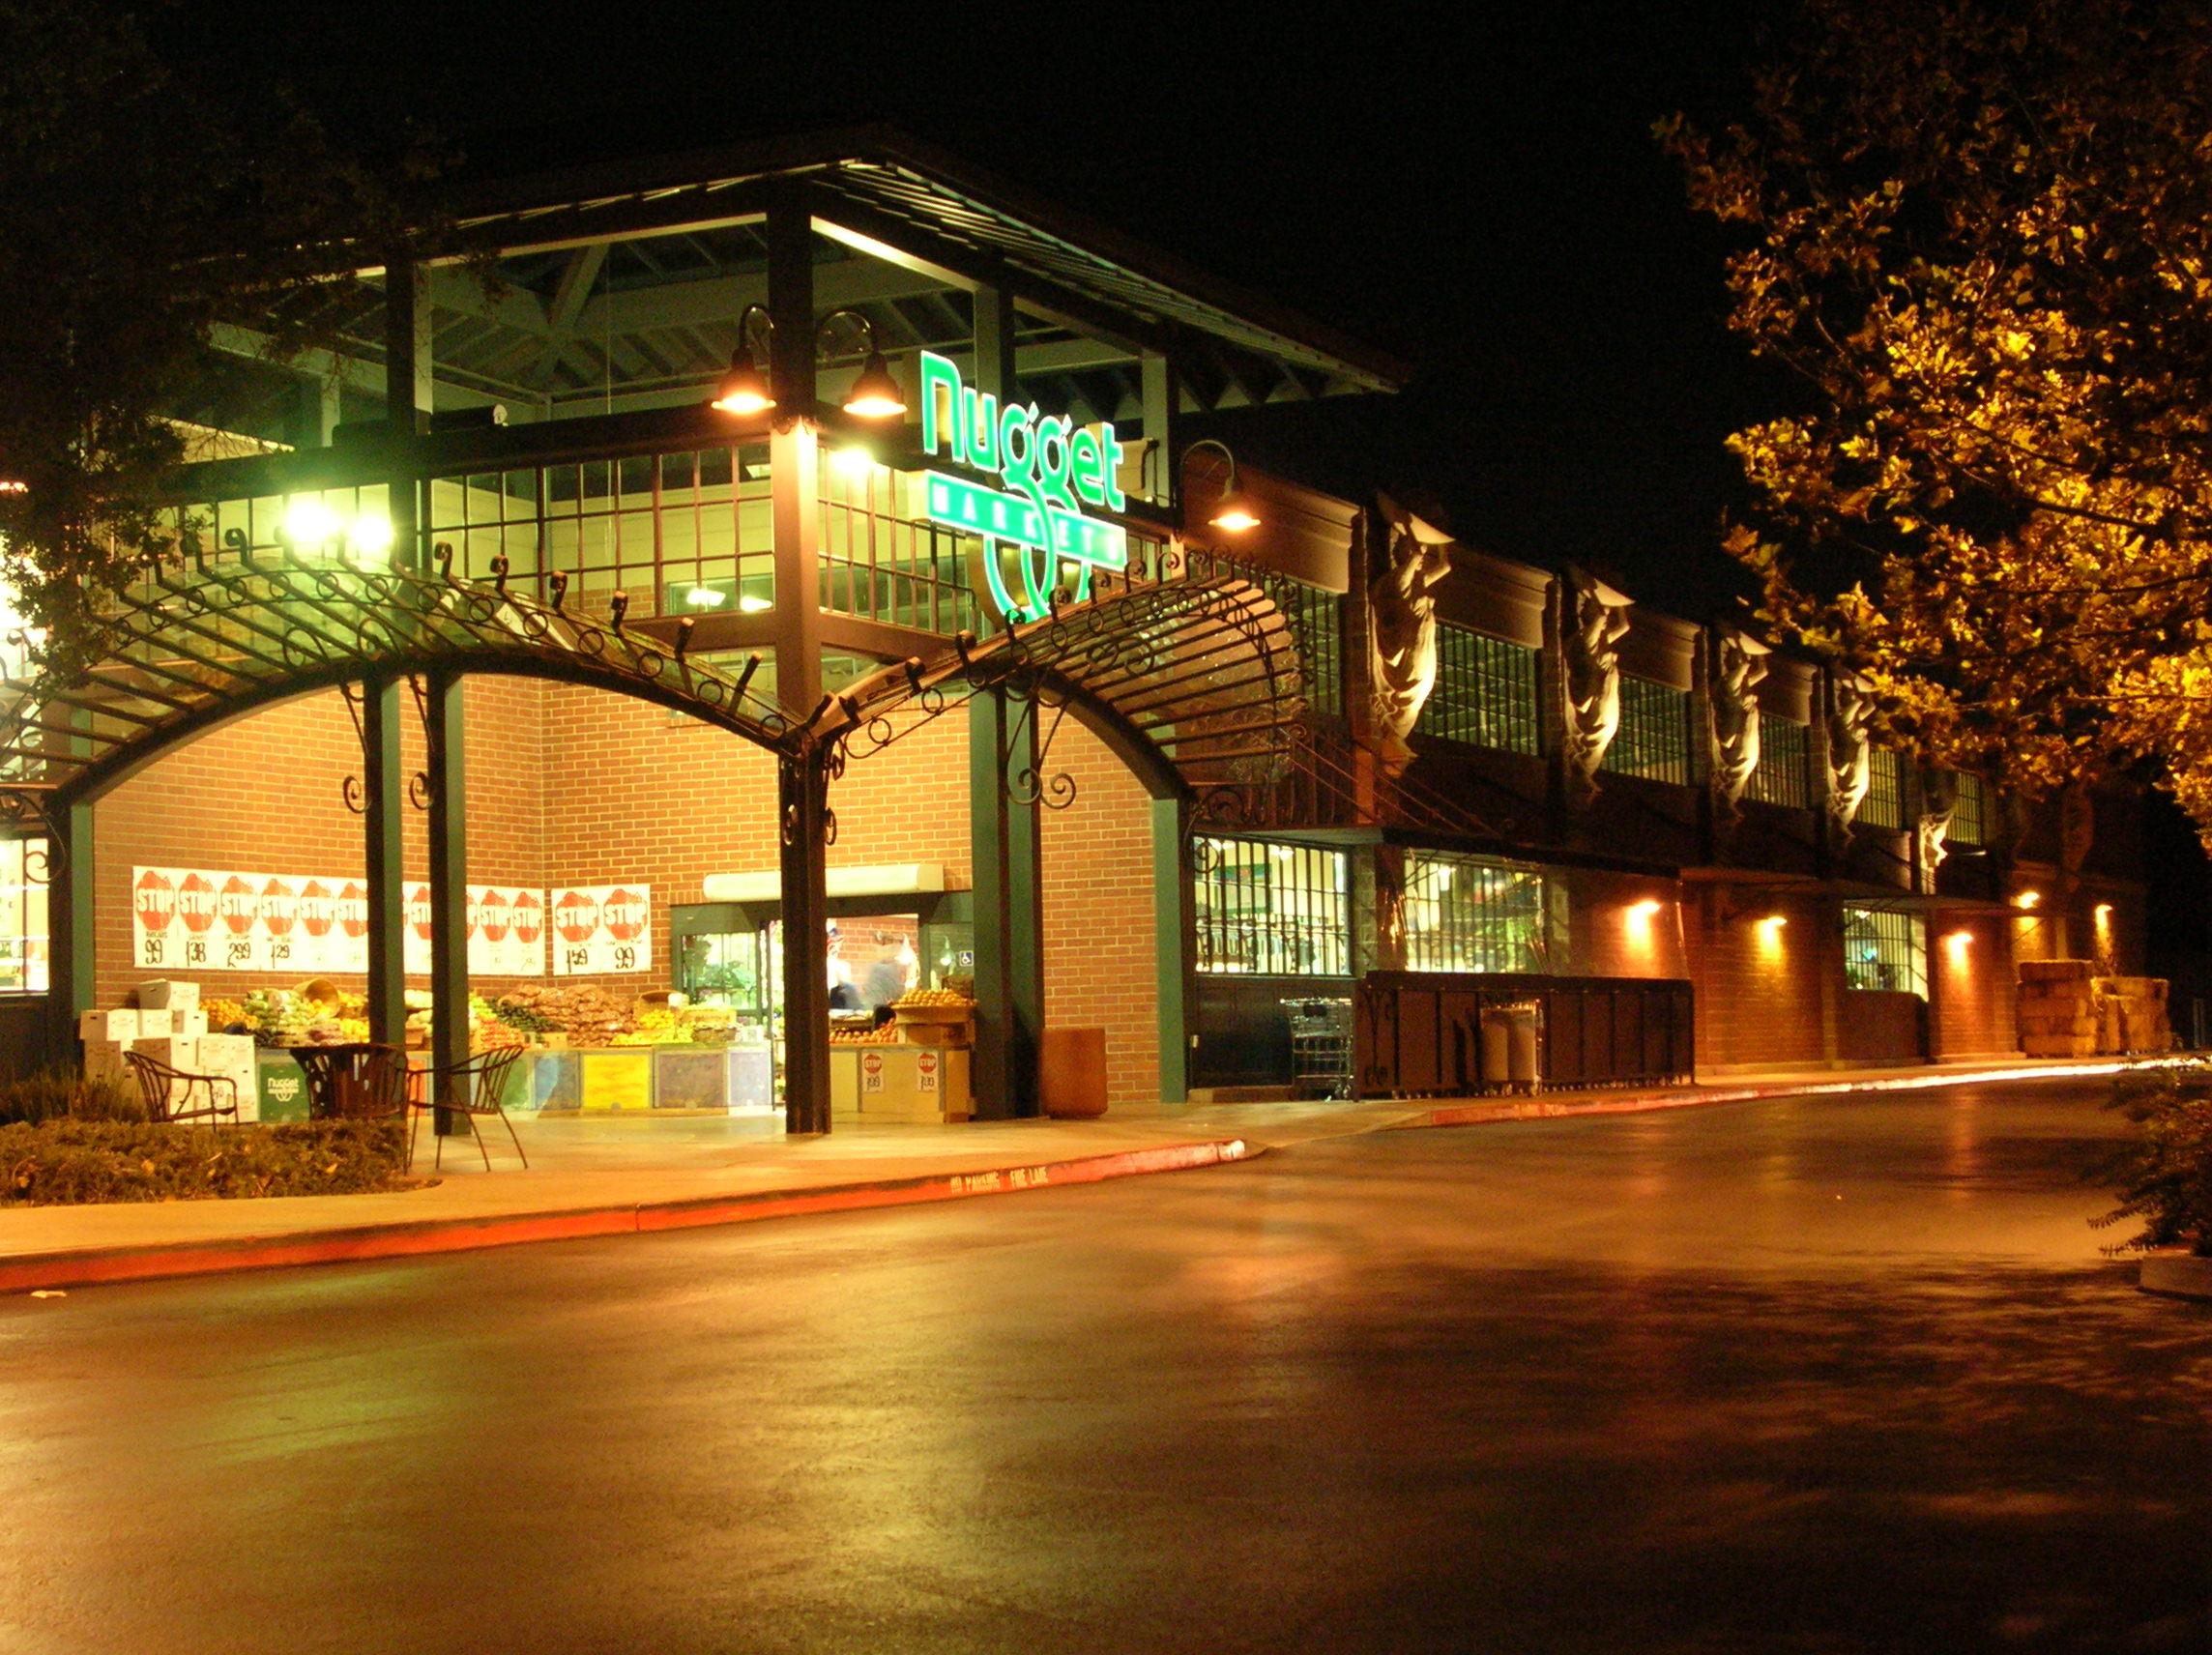 Nugget Market, Davis | capcitydesign.com